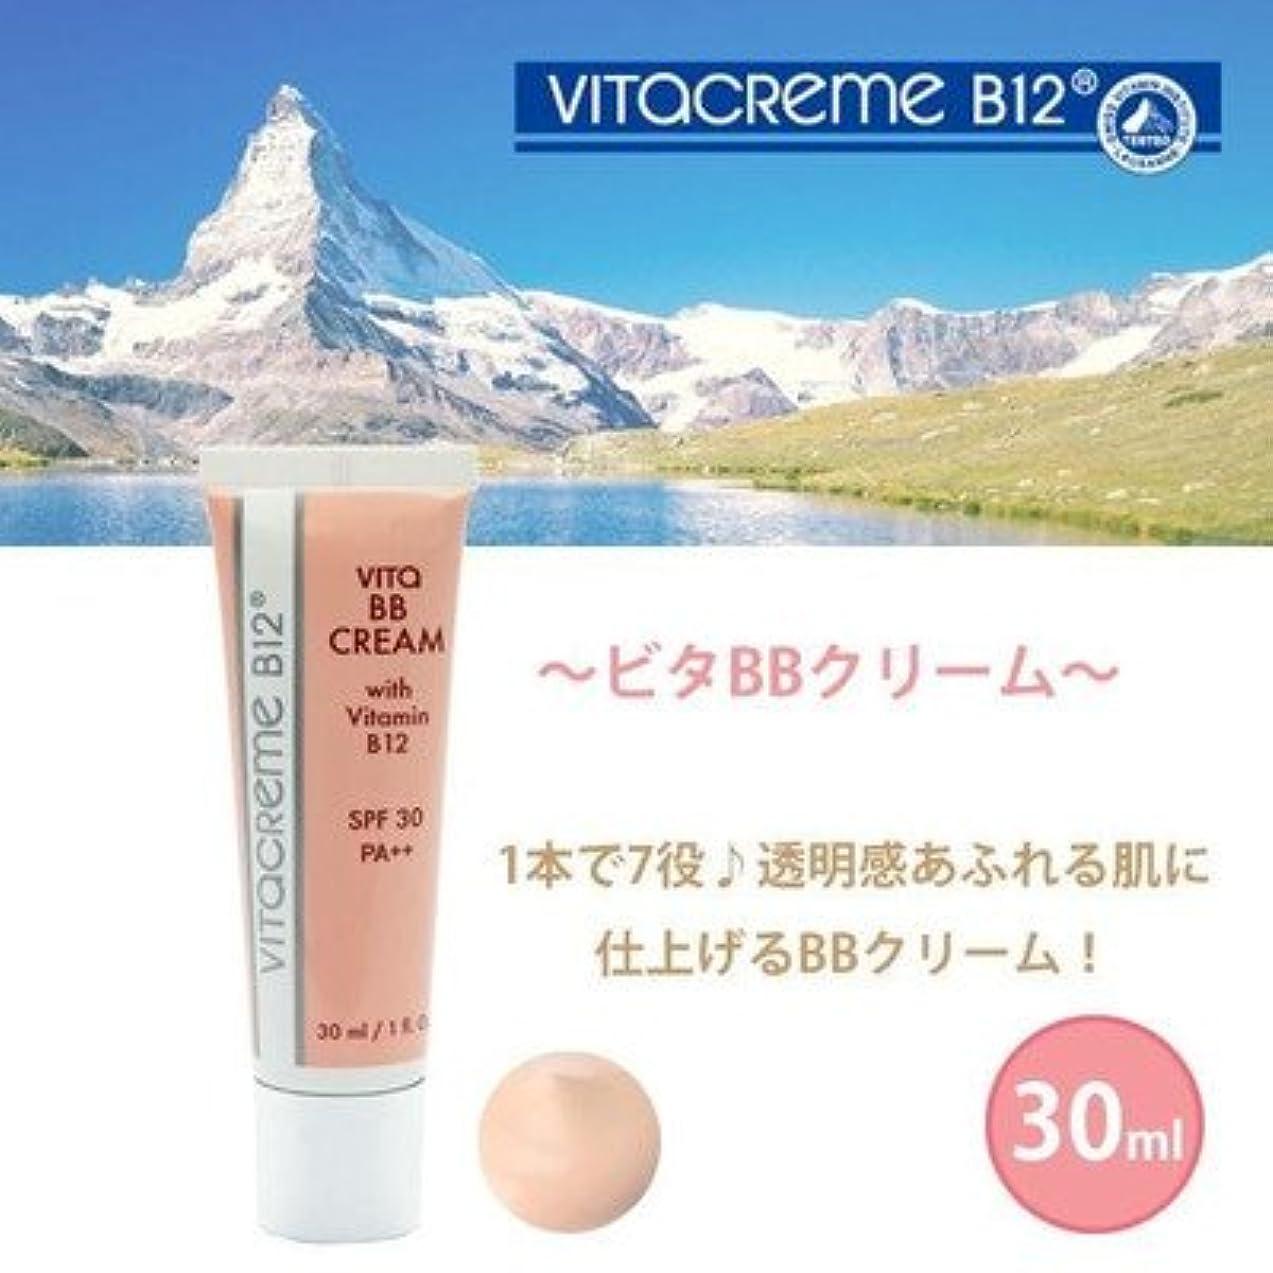 うれしい気分ワンダー透明感のある艶やかなお肌に ビタBBクリーム 30ml 正規品 VTB238